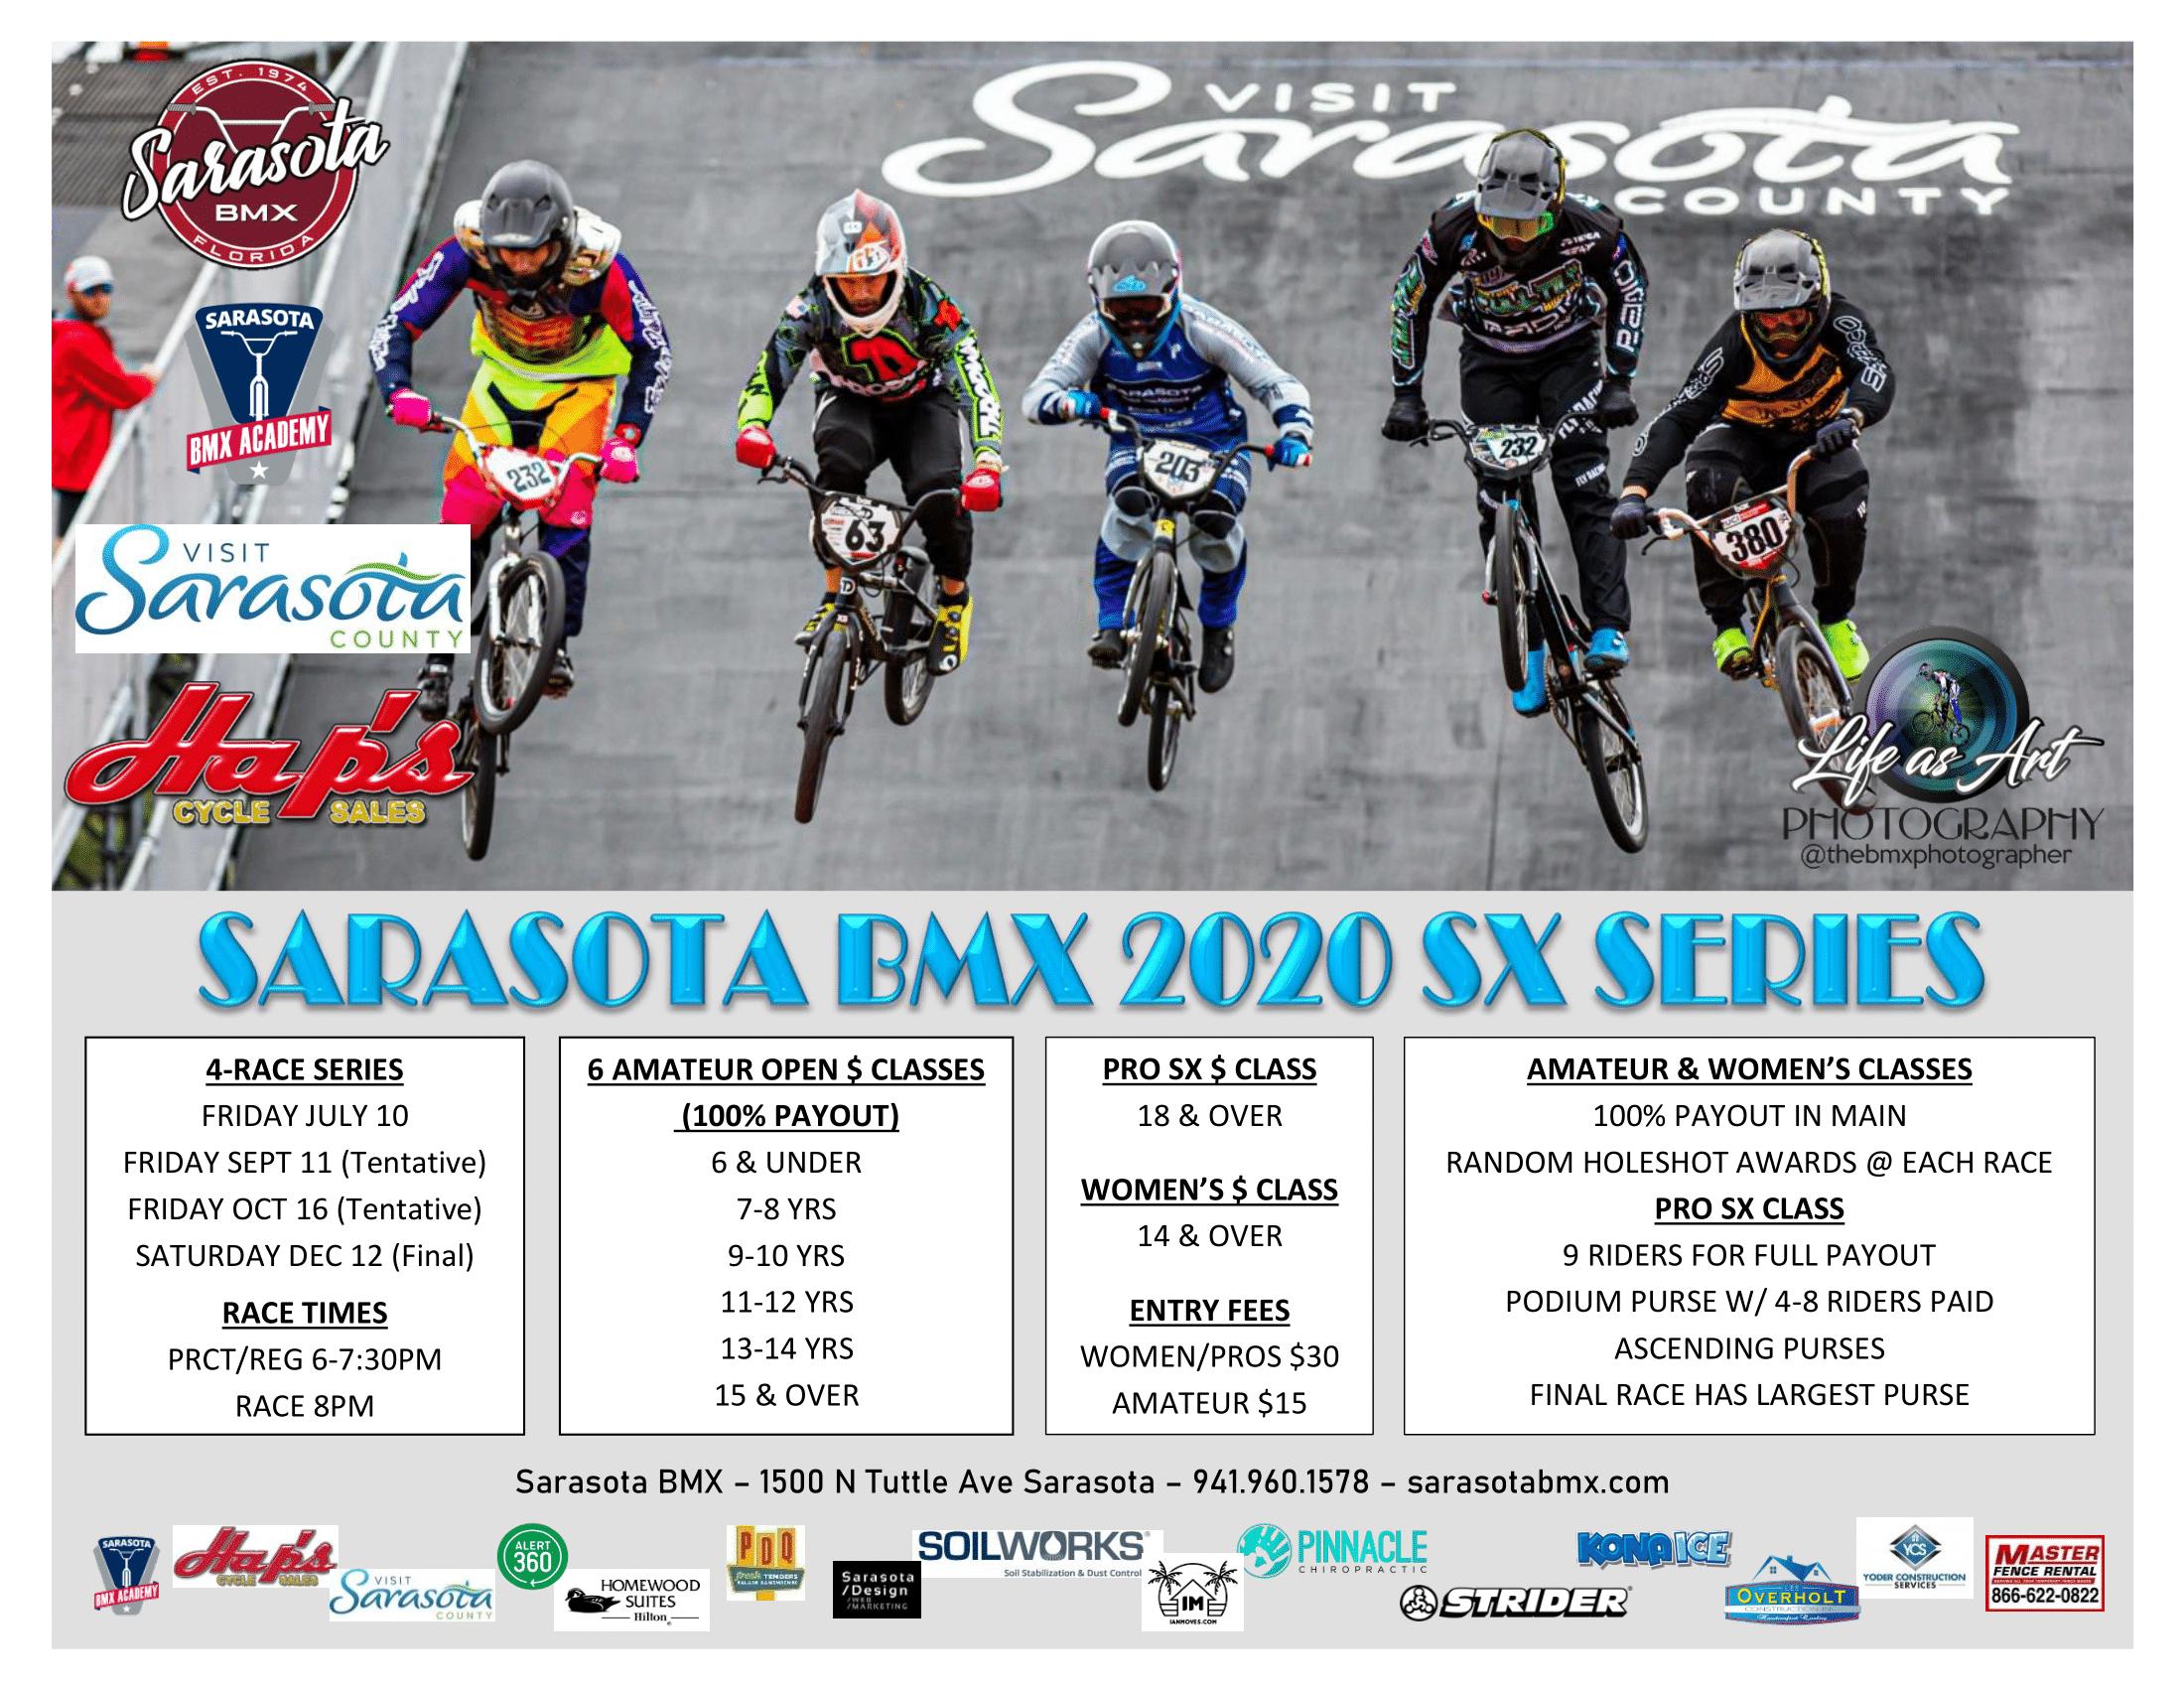 Sarasota BMX 2020 SX Series